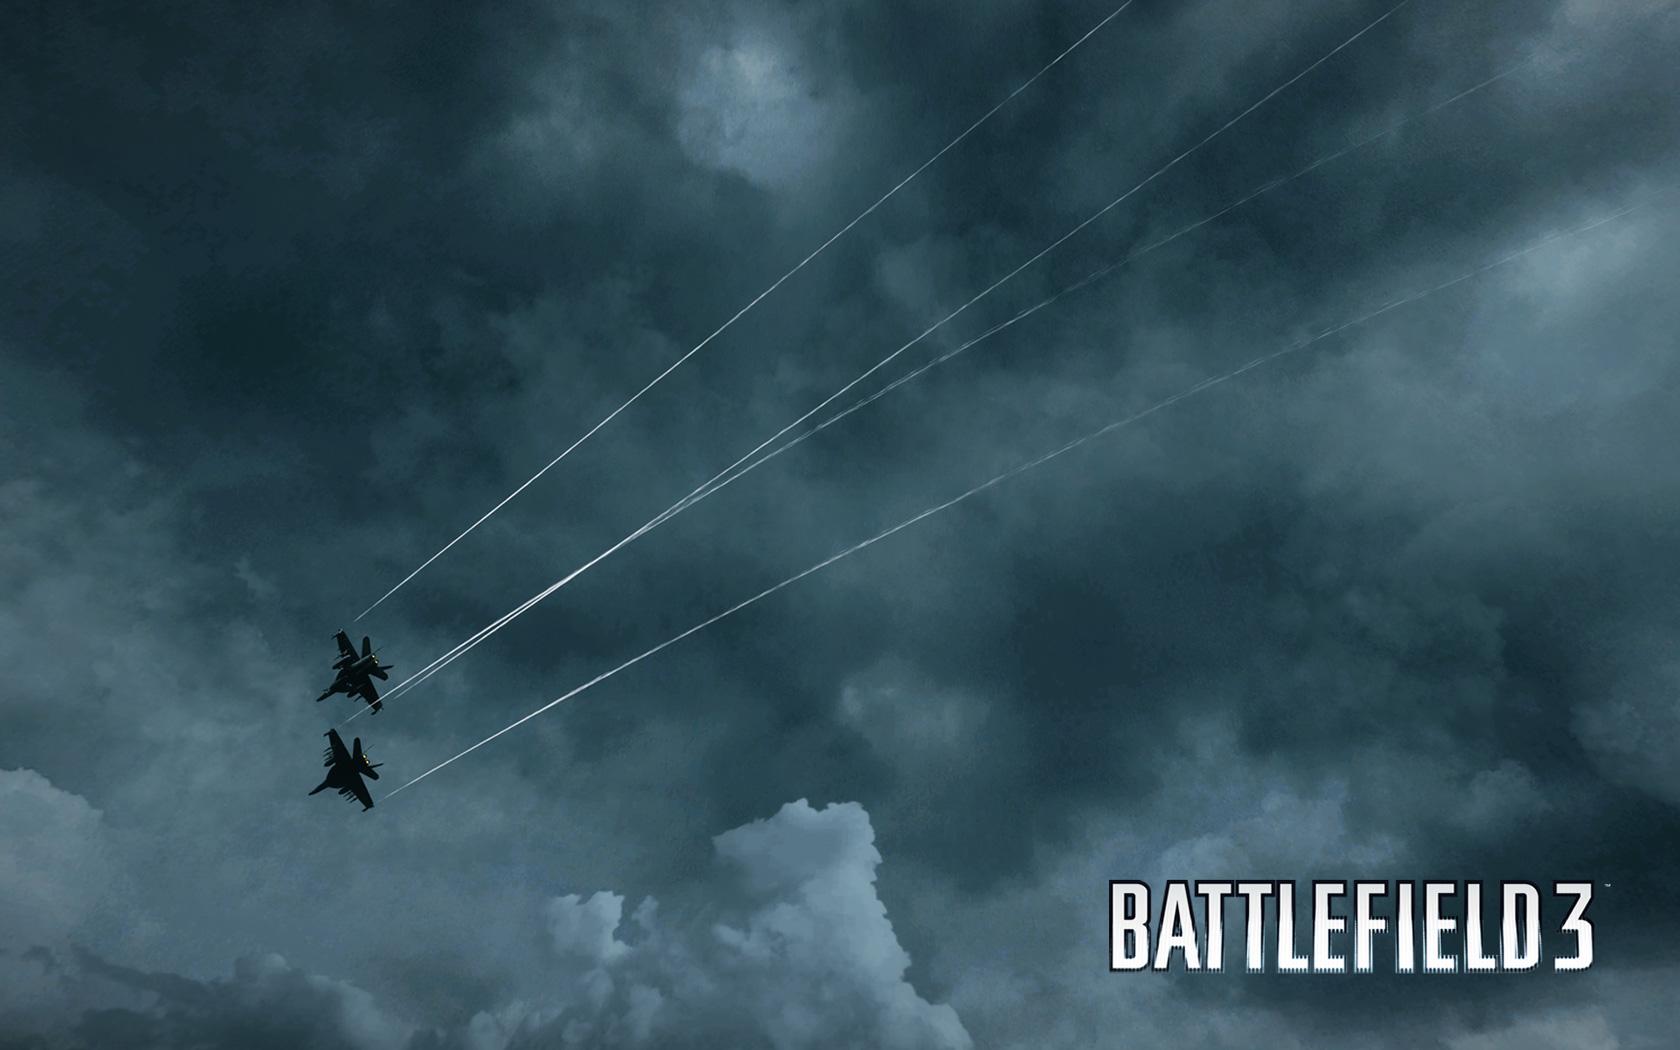 Battlefield 3 Wallpaper in 1680x1050